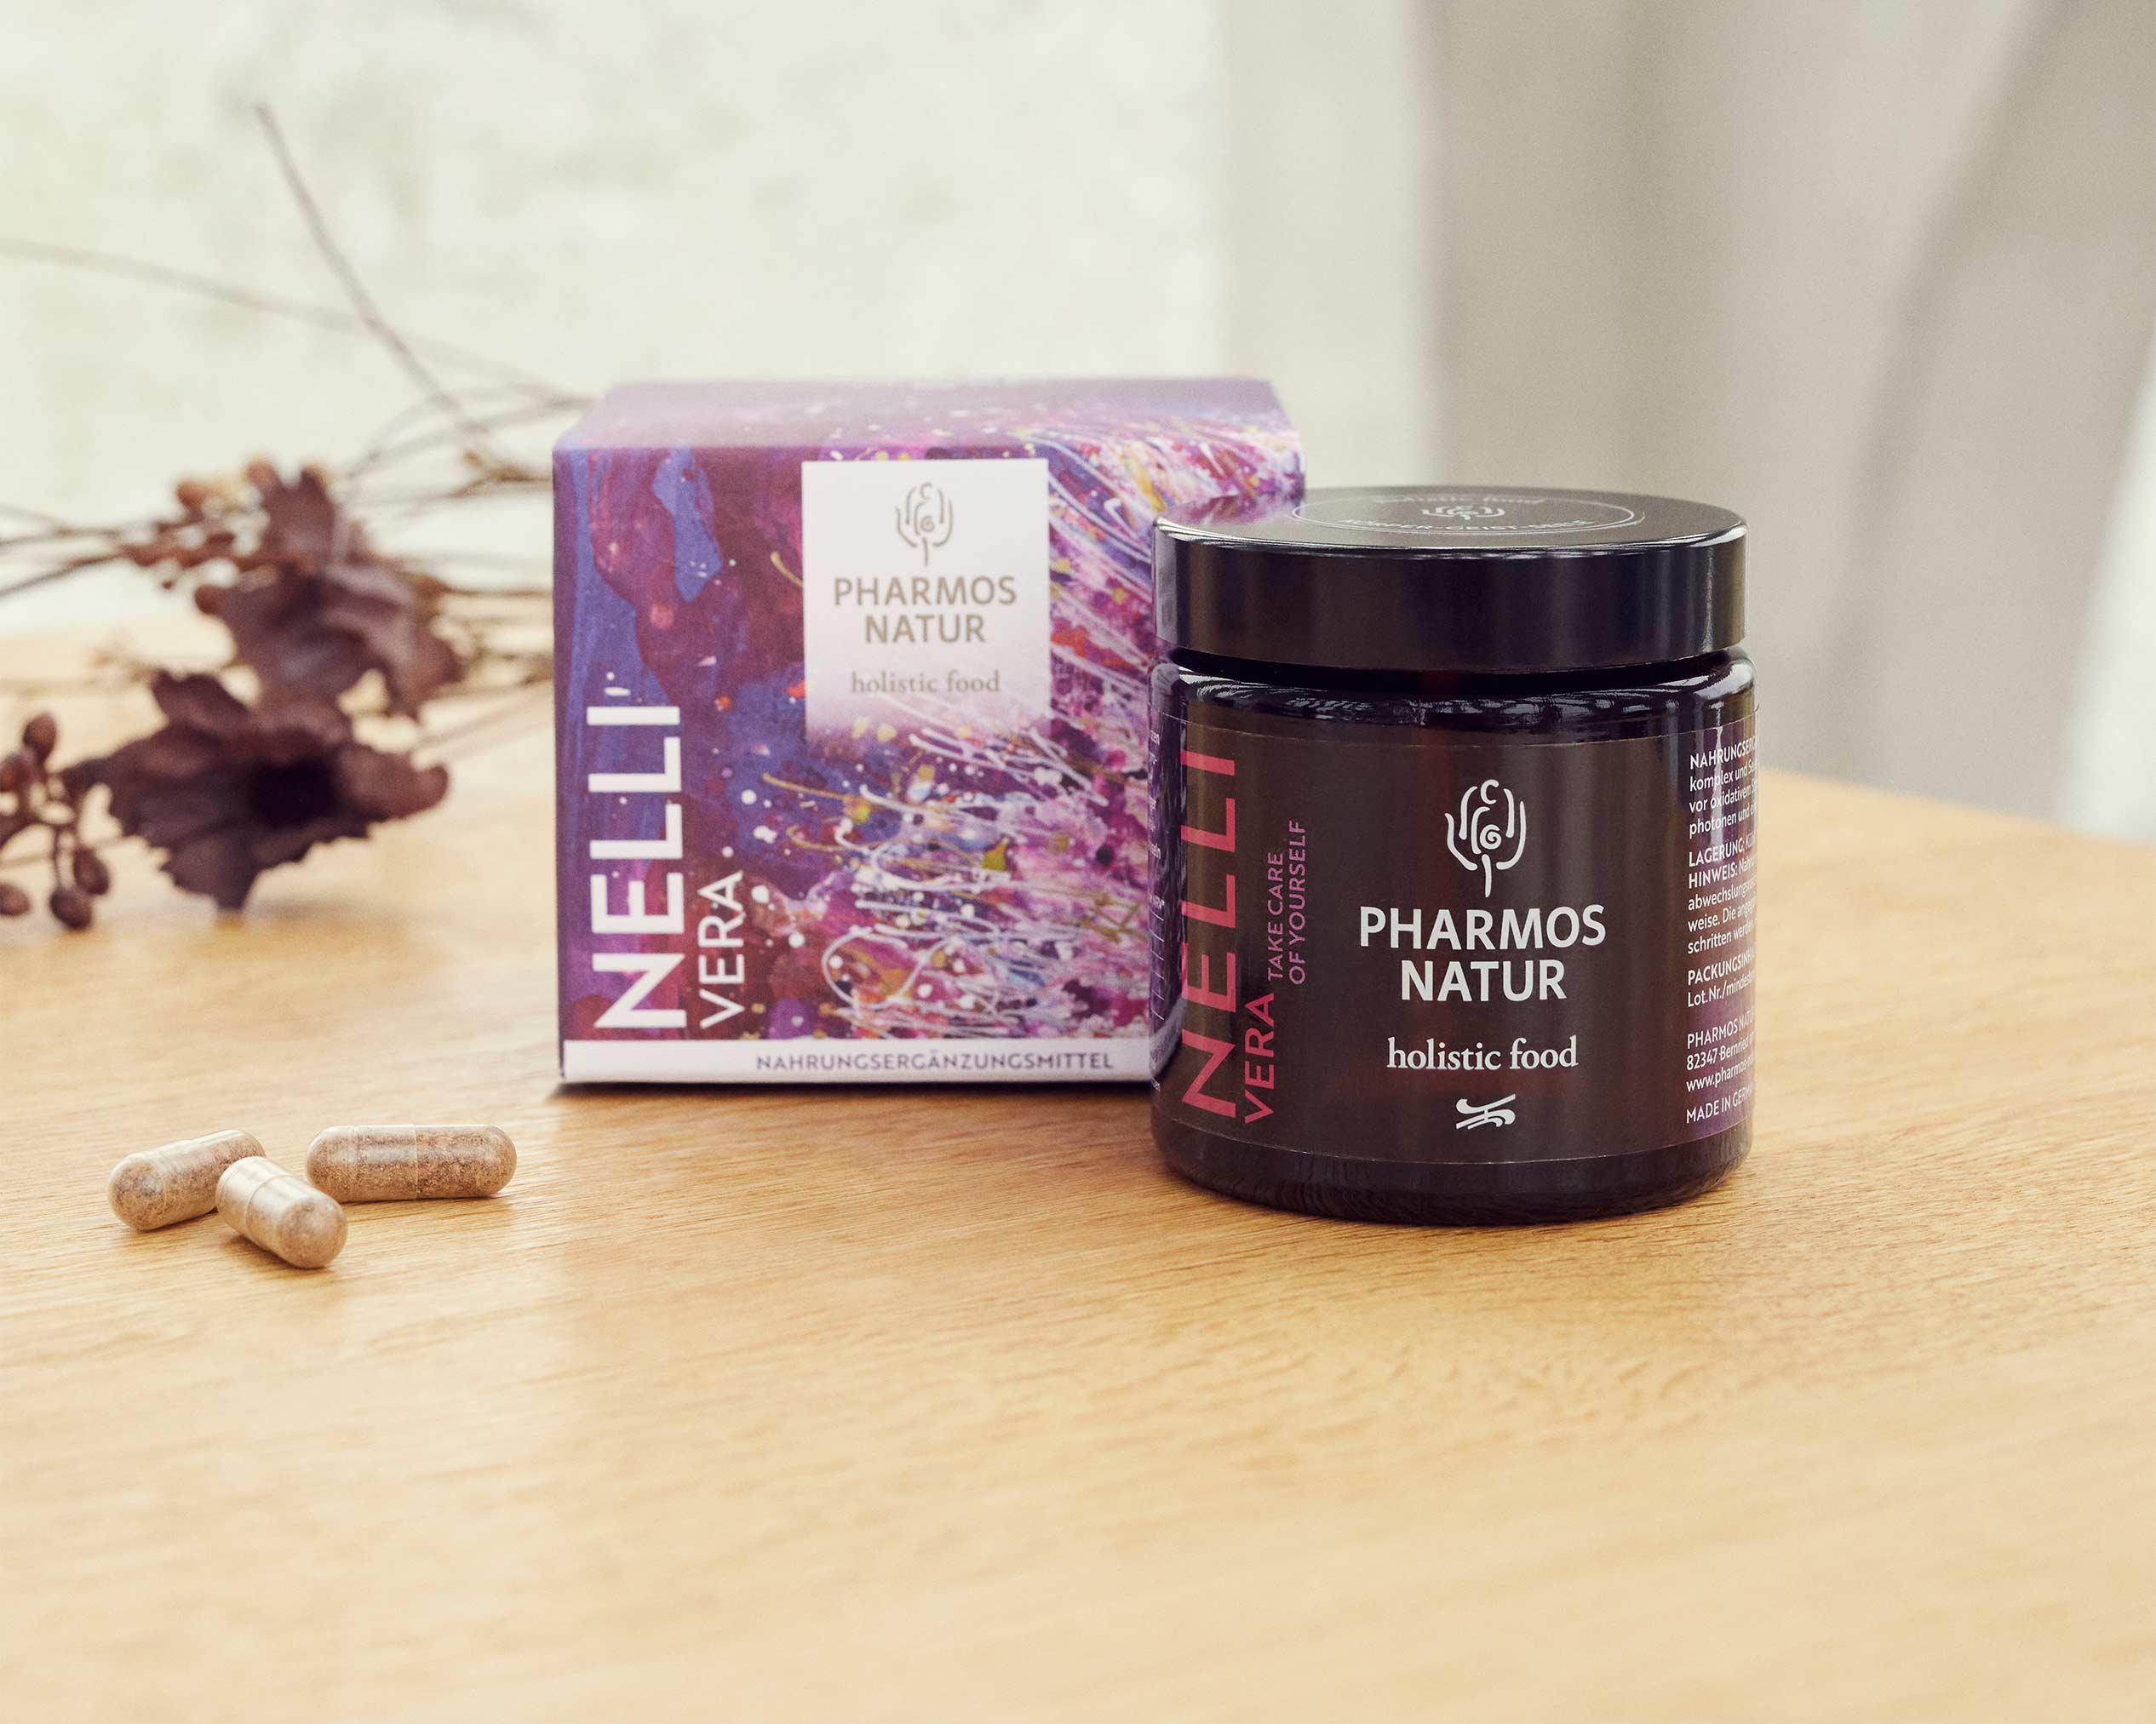 Nelli Vera dunkler Behälter Produktbild neben Pulver und Verpackung